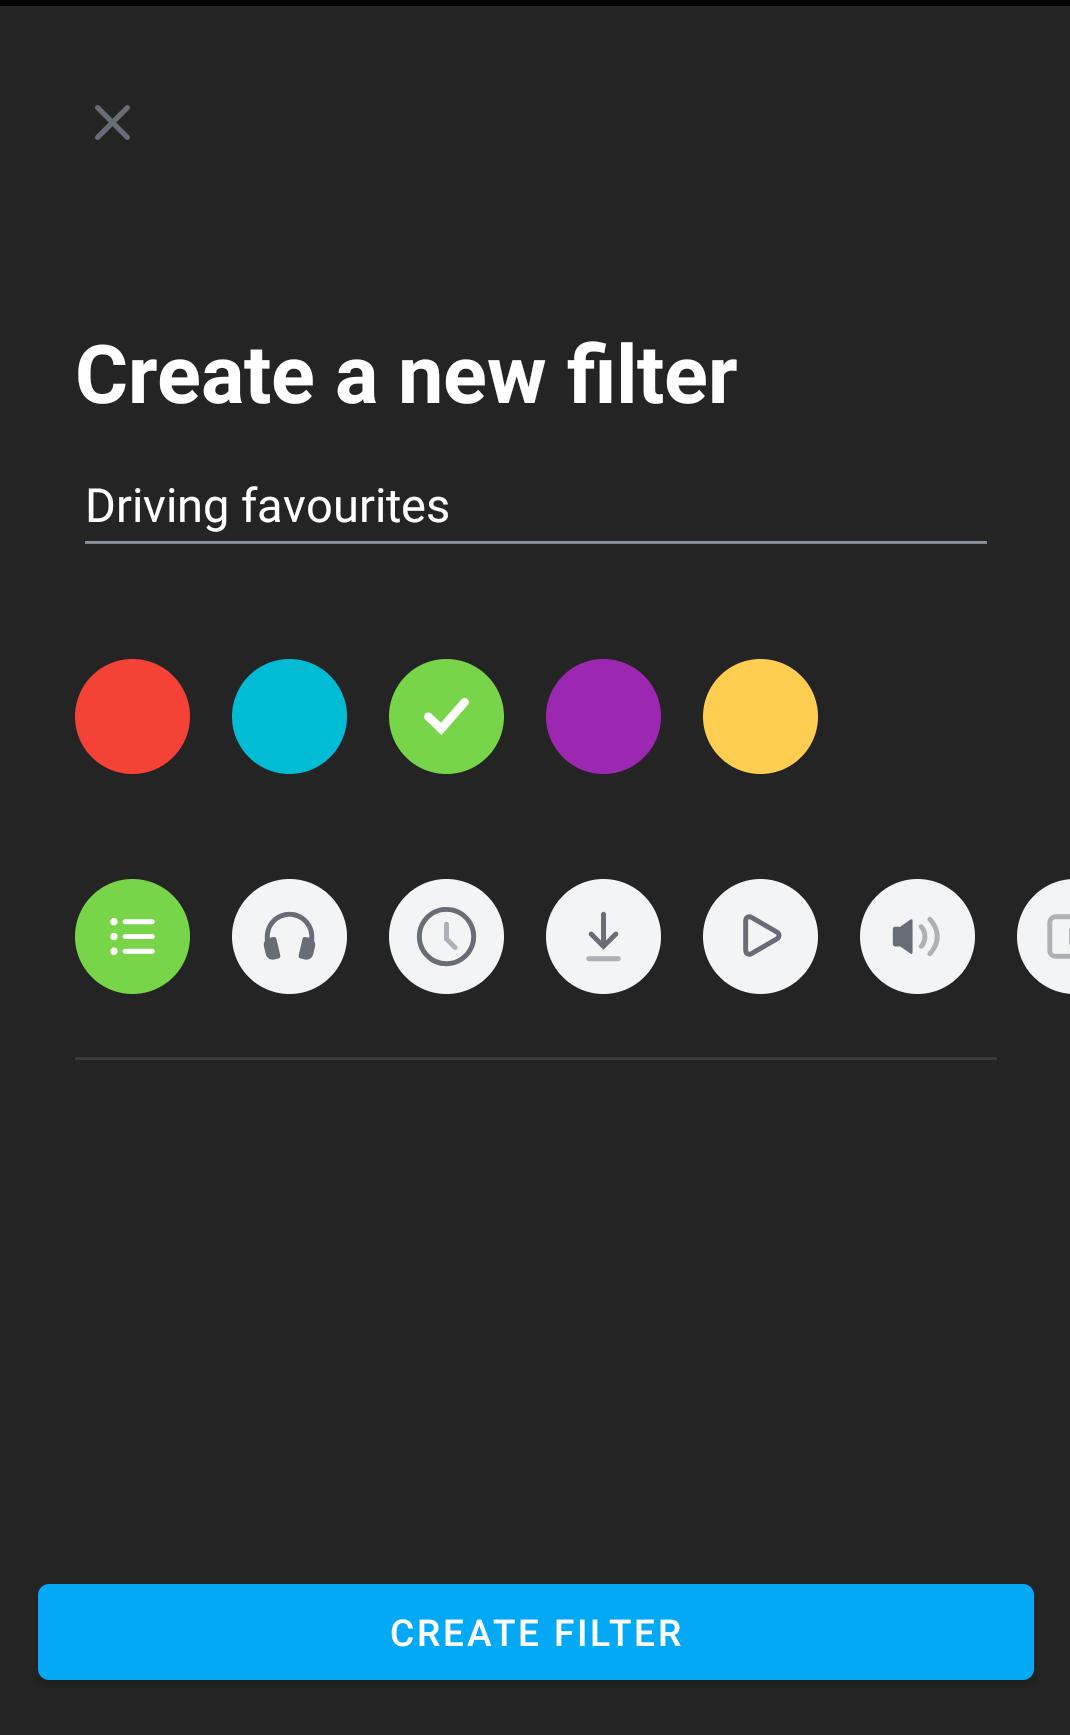 Create filter Step 1 screen